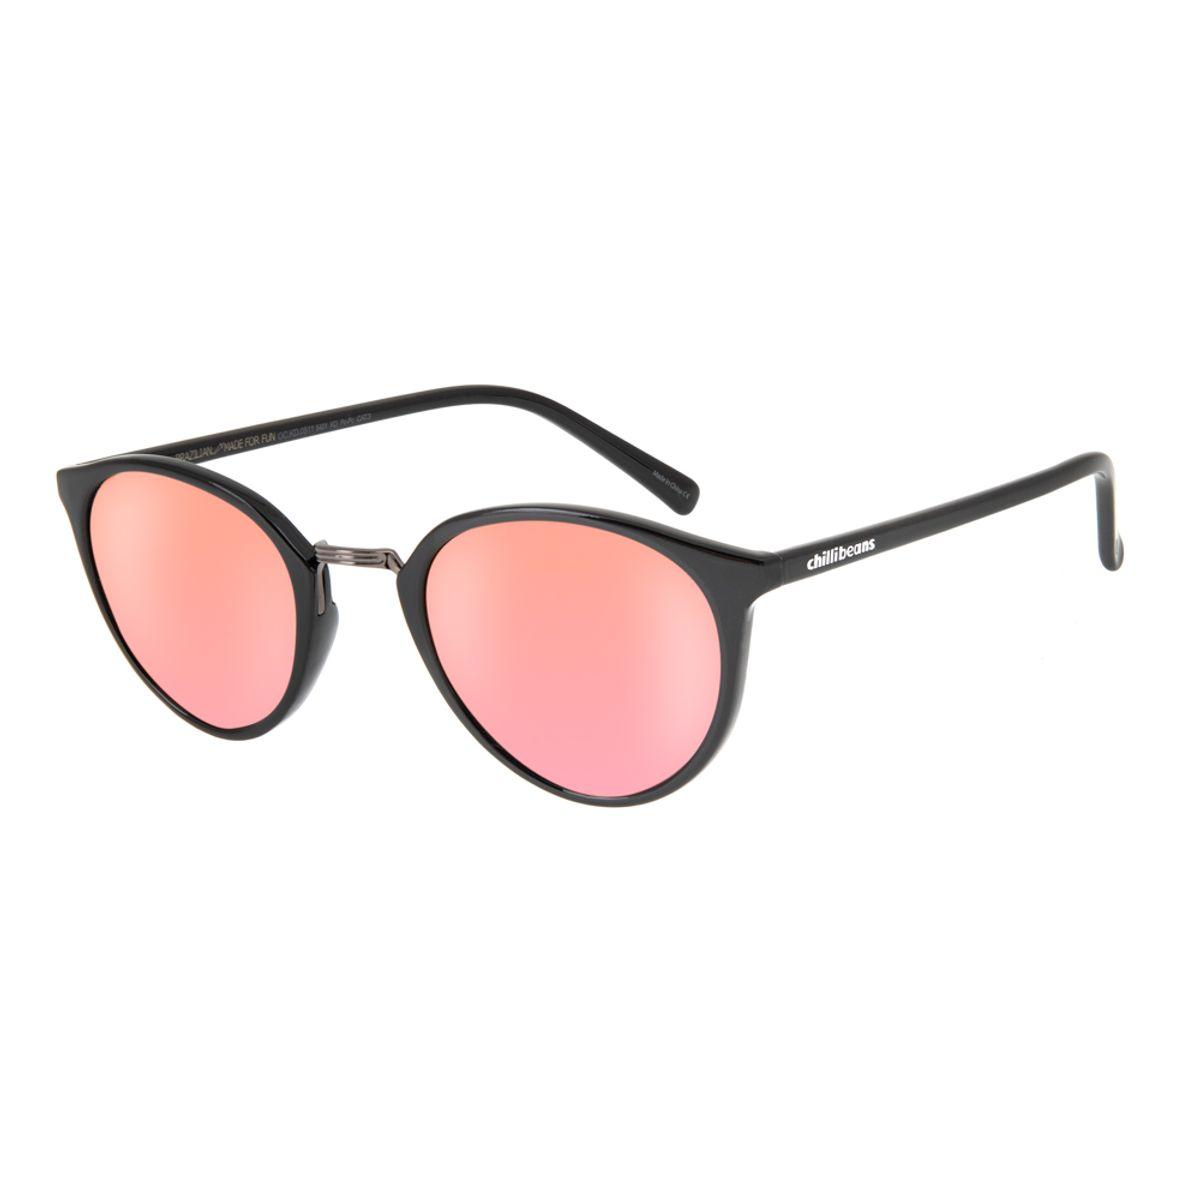 0eff8a717 Óculos de Sol Chilli Beans Infantil Rosa Espelhado 0511 - Chilli Beans